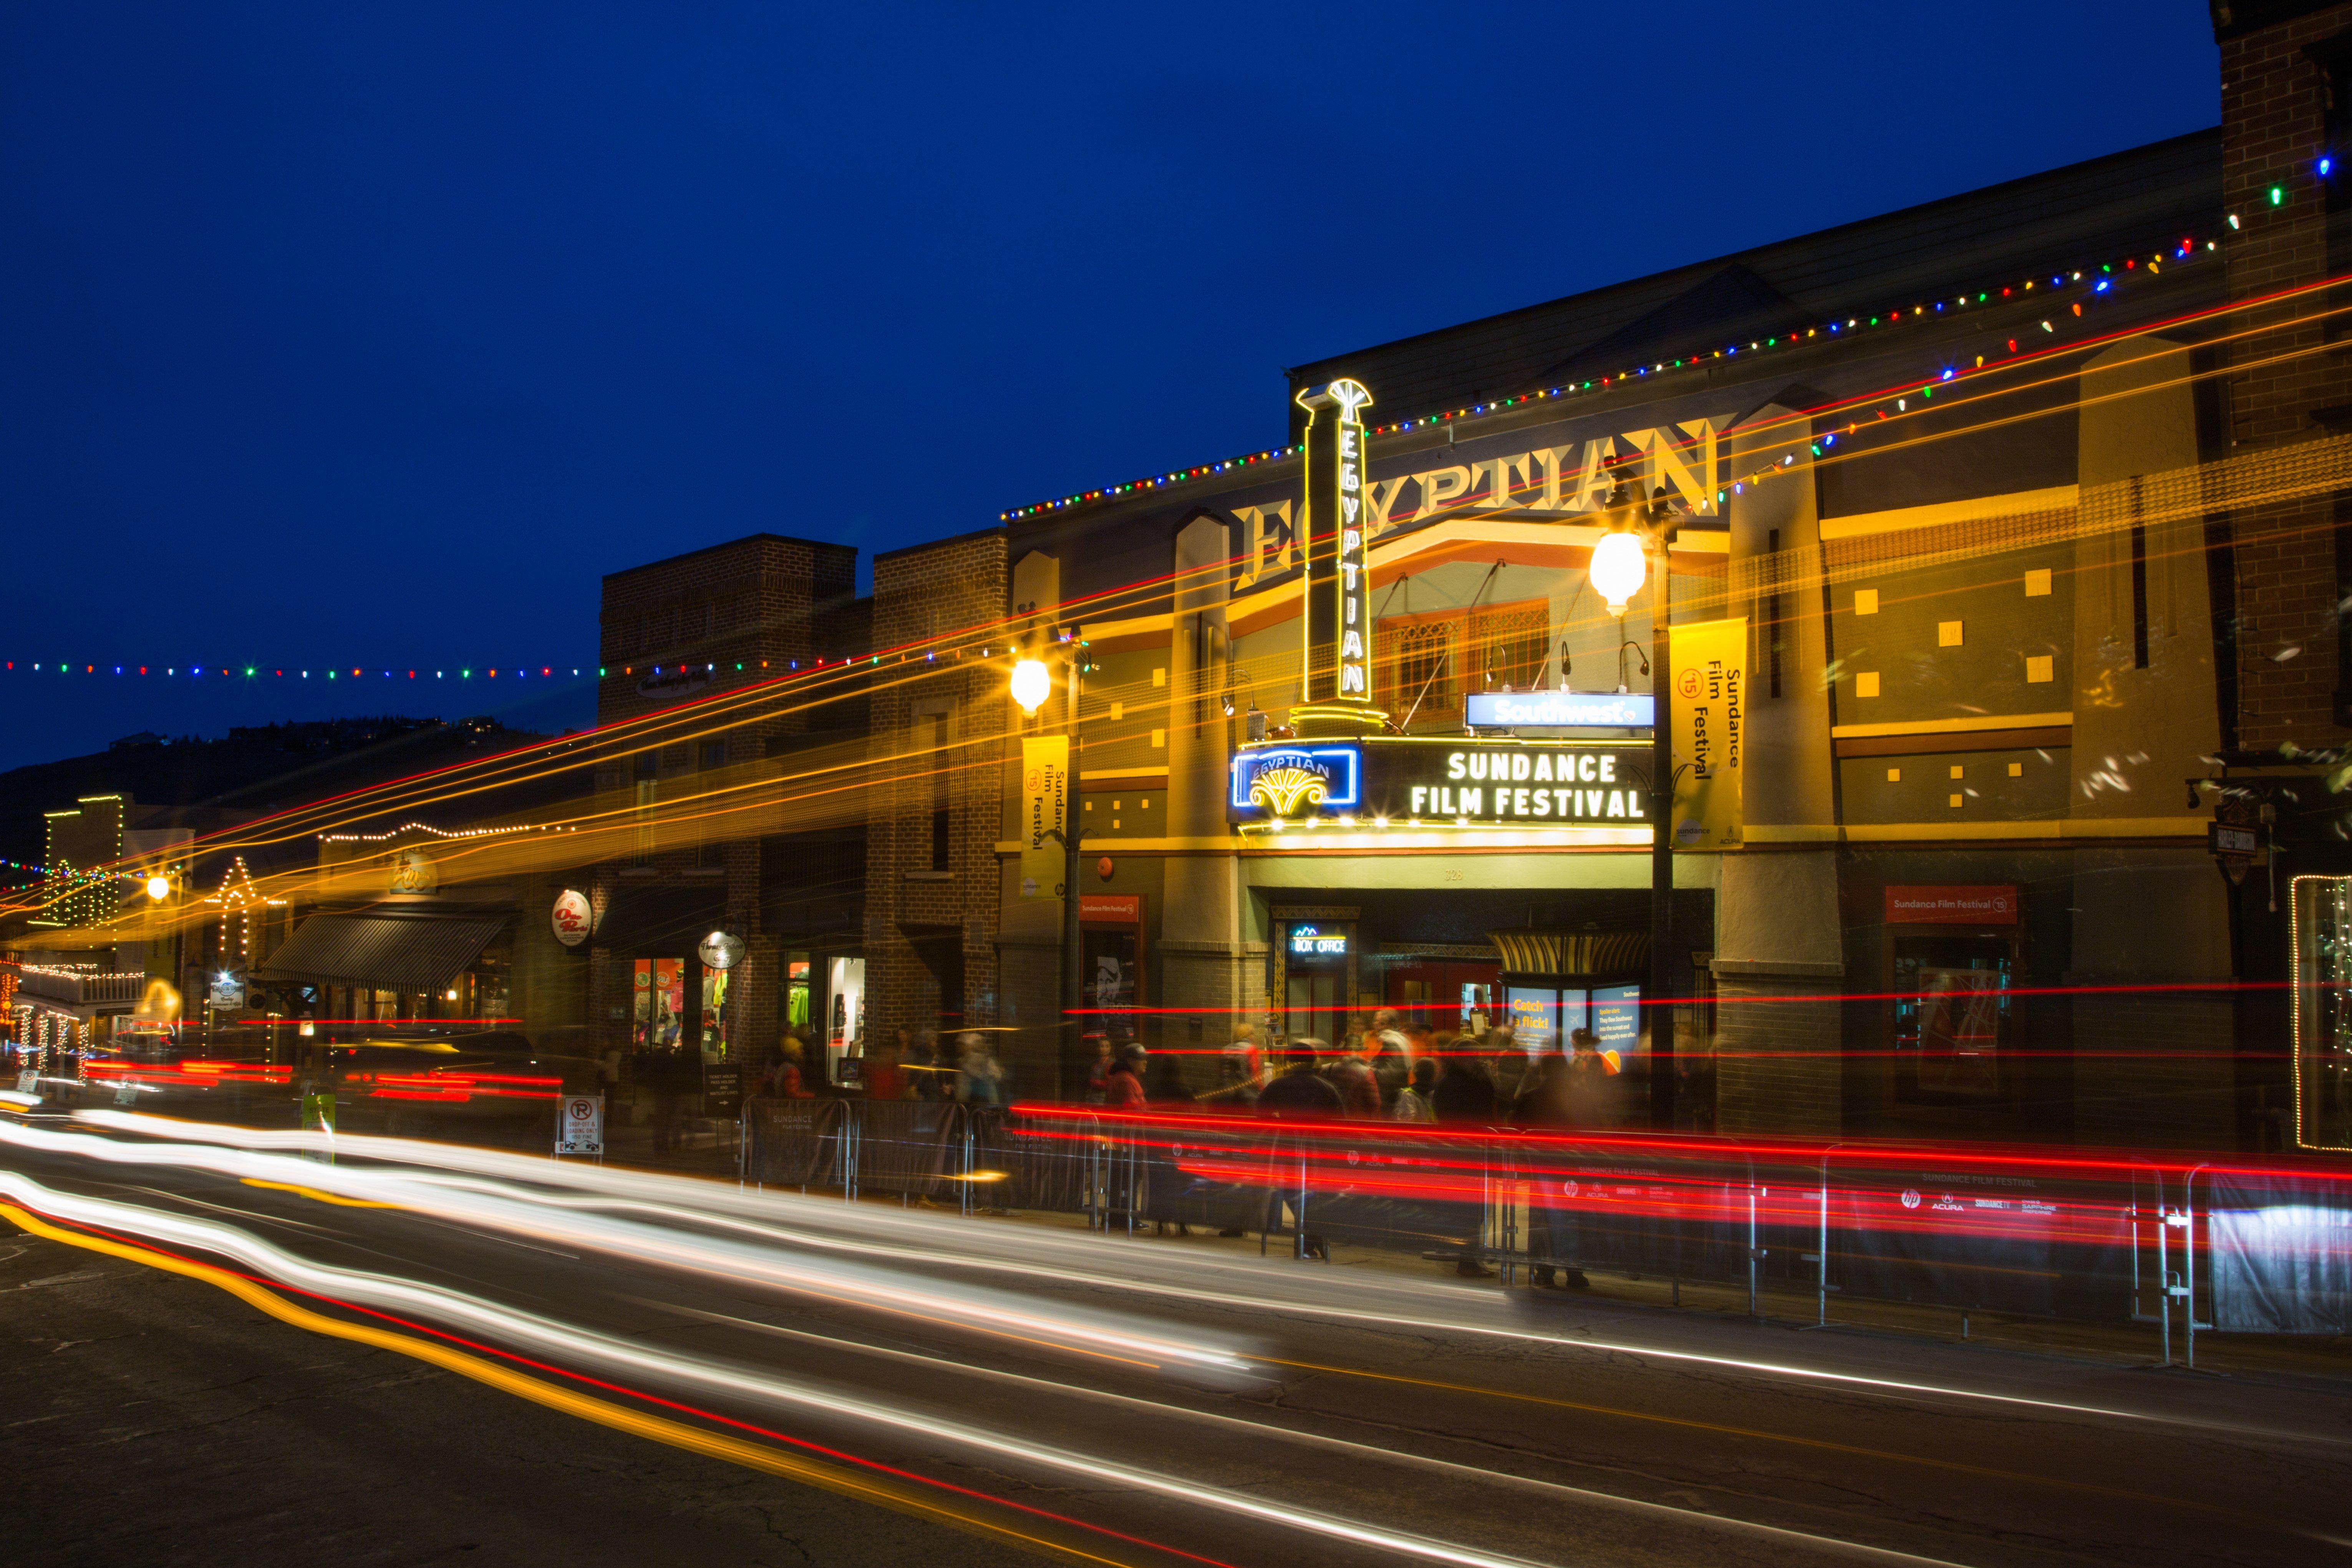 Sundance Film Festival2